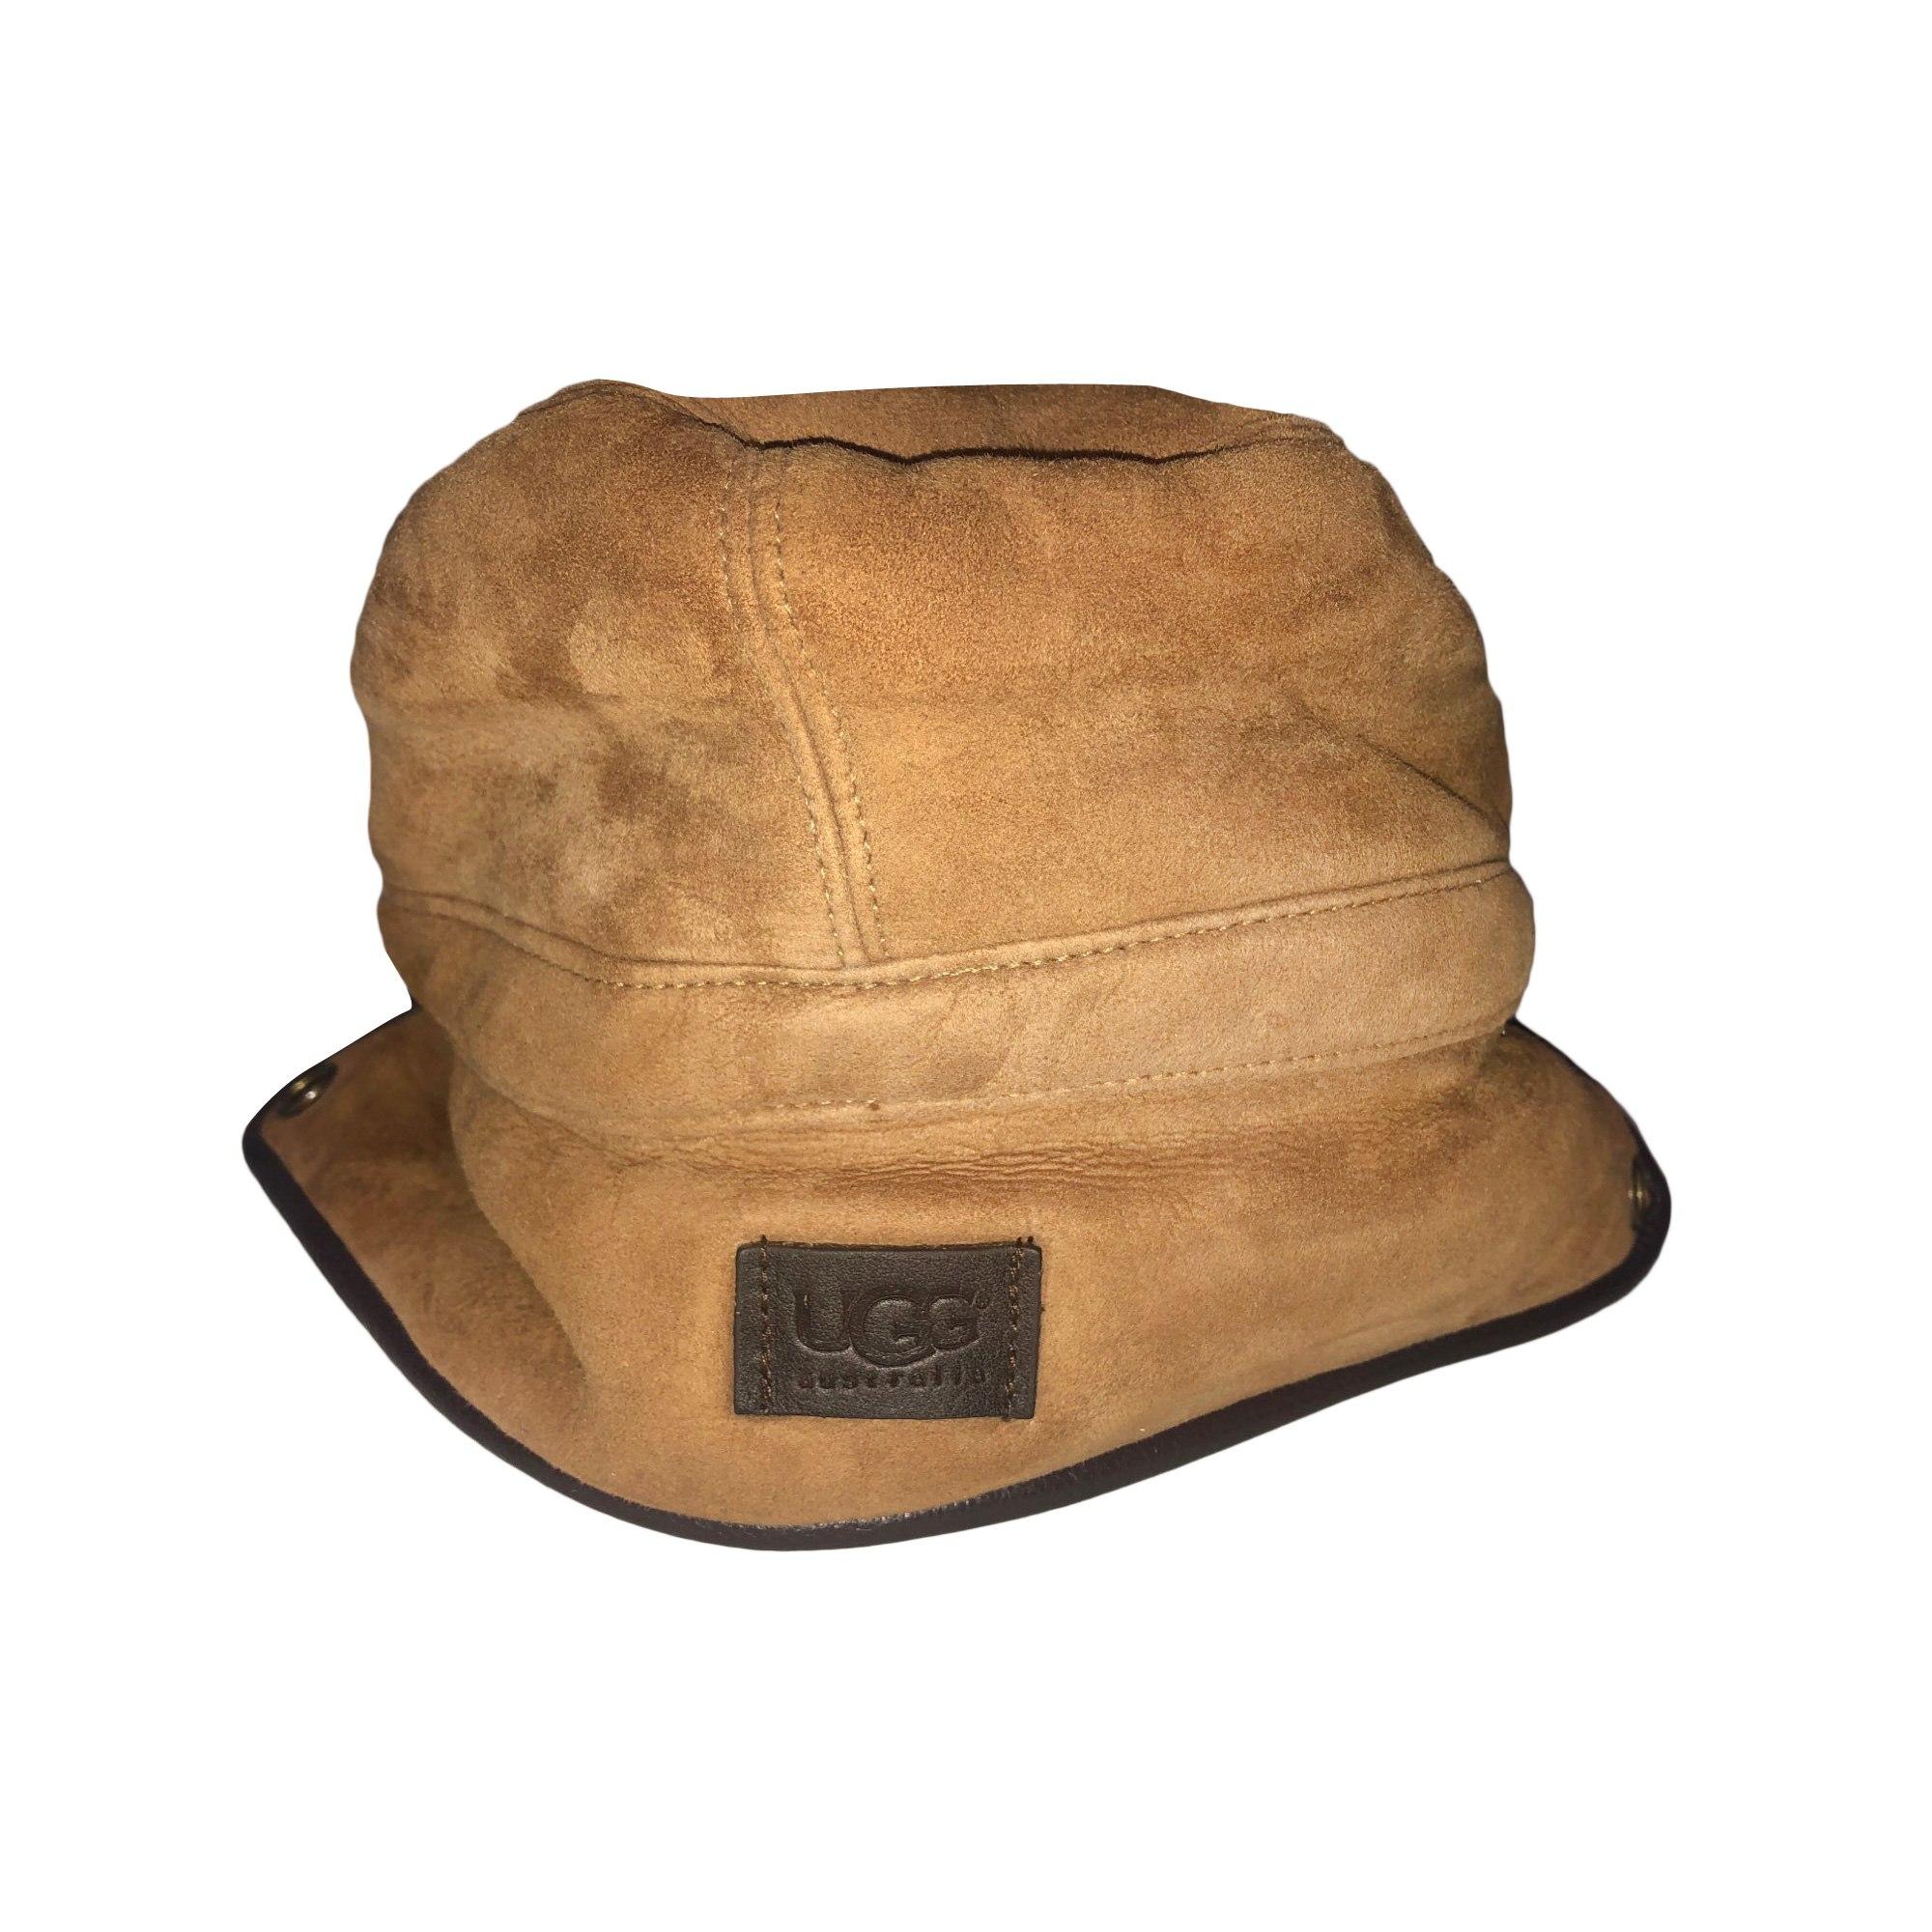 Bonnet UGG Beige, camel